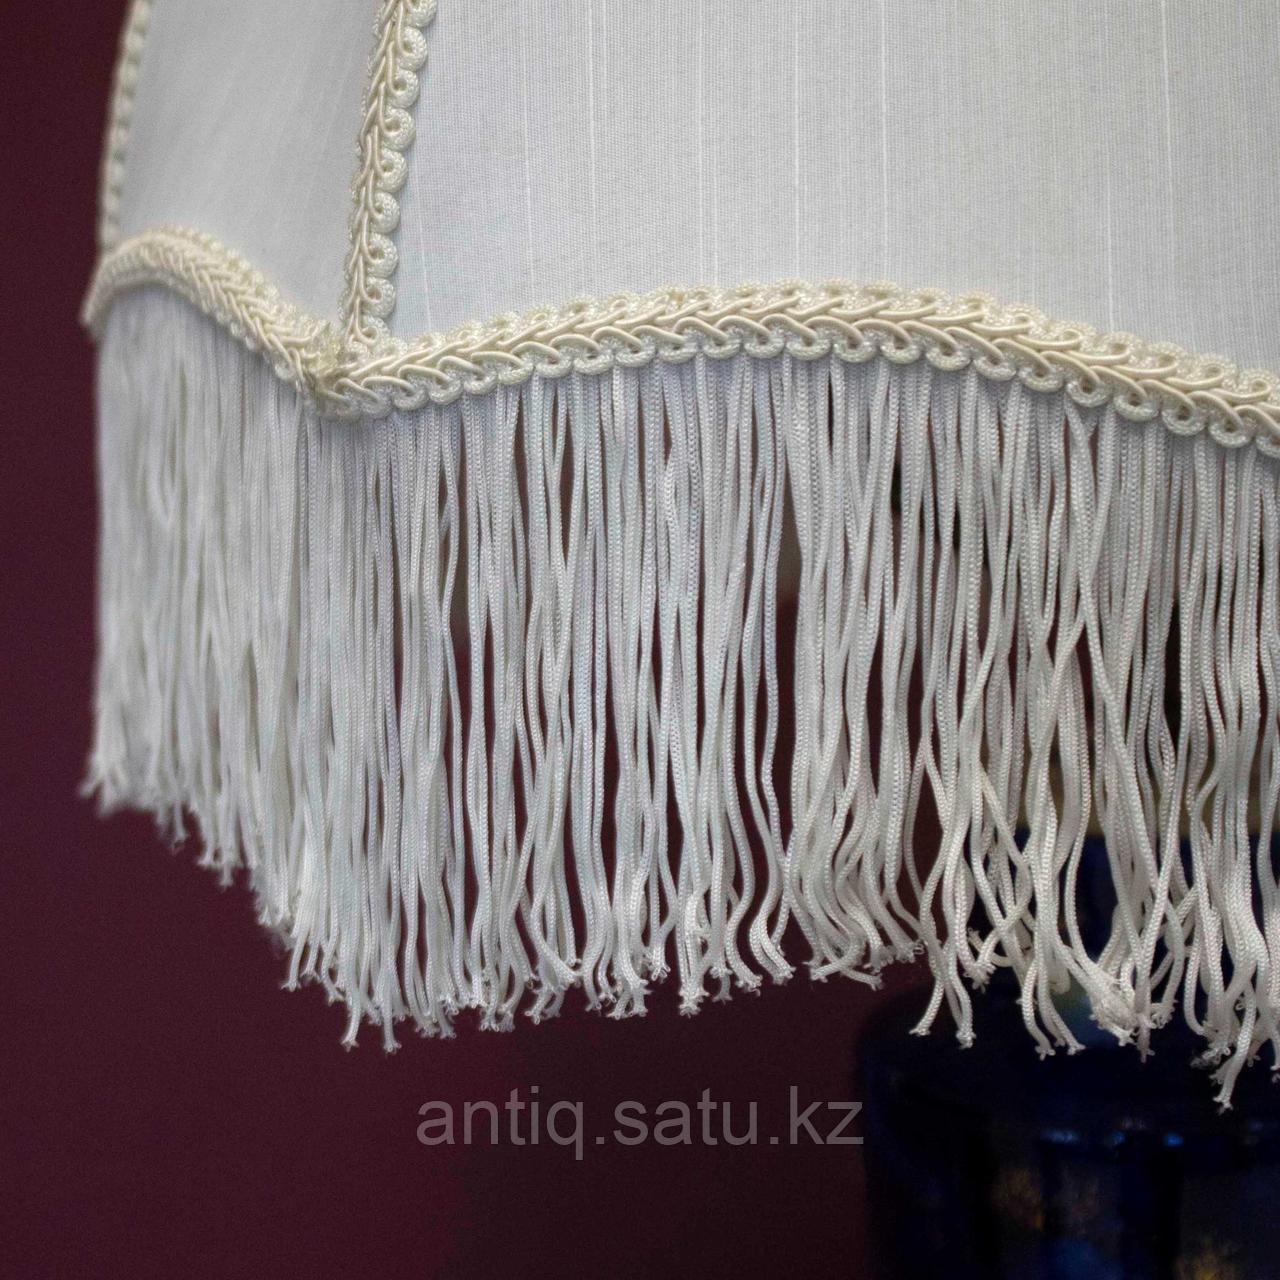 Настольная лампа. Фарфоровая мануфактура Wallendorf - фото 3